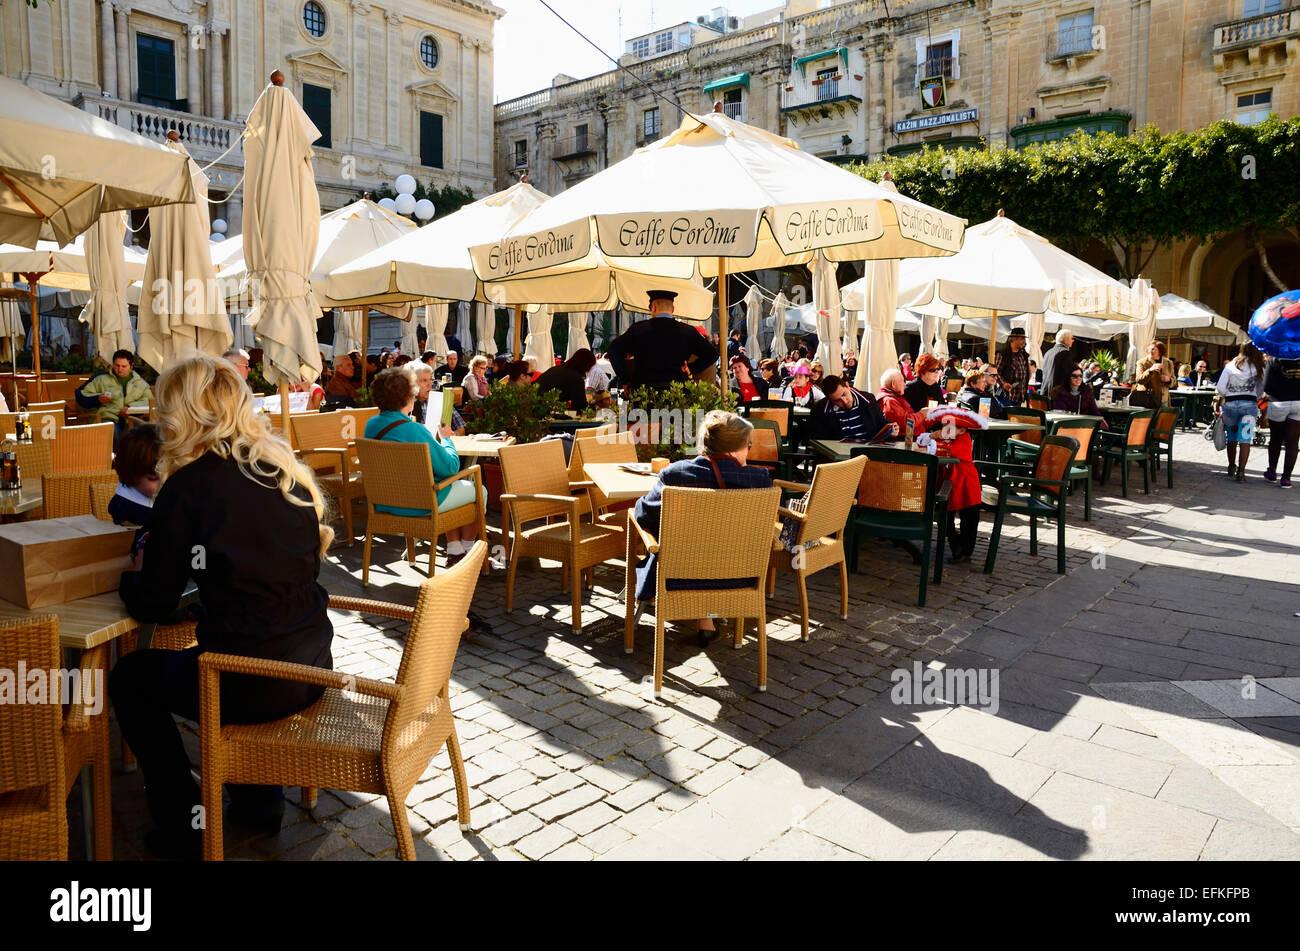 Valletta is the capital of Malta - Stock Image